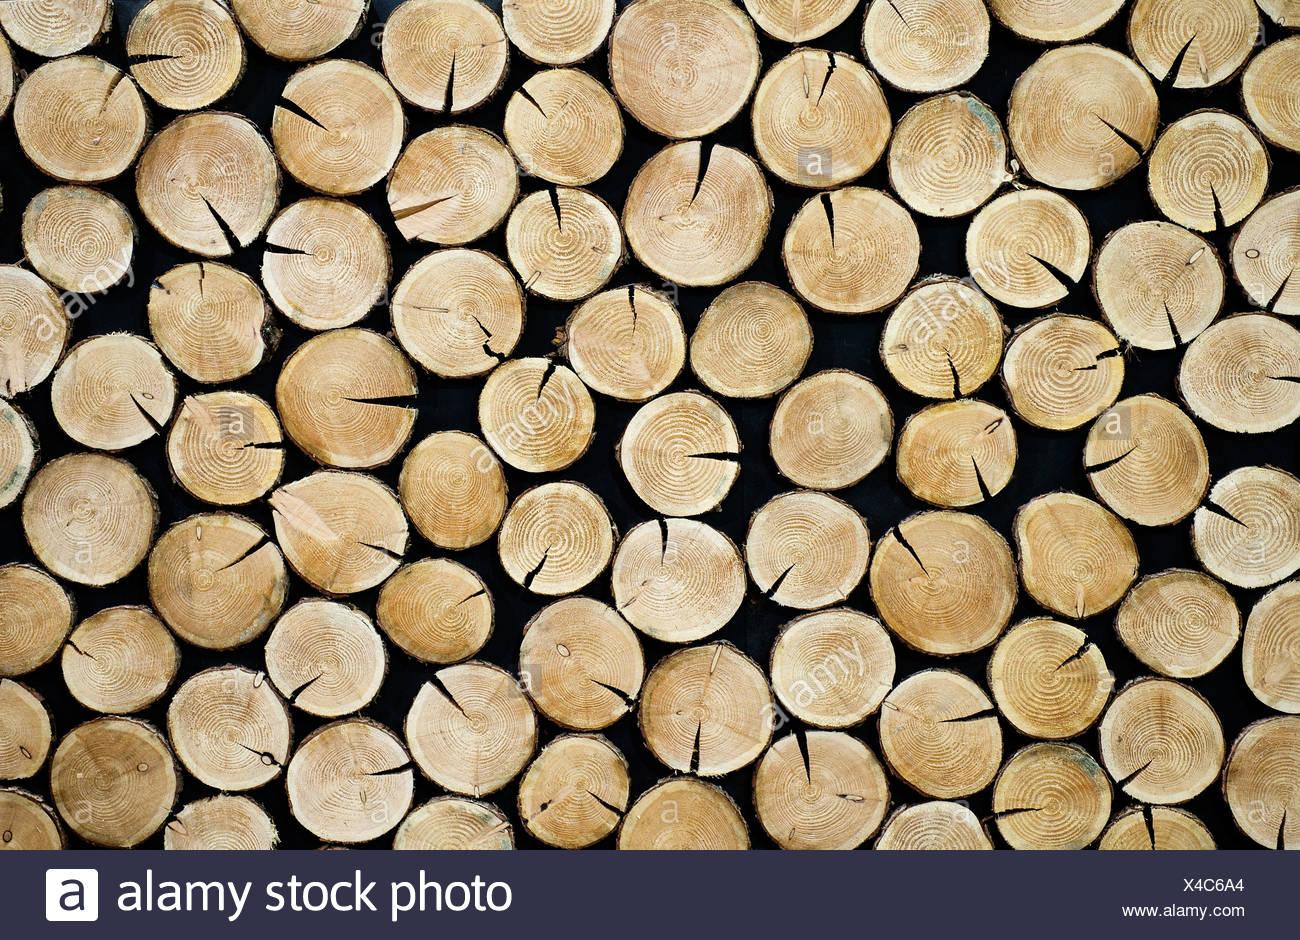 Gestapelte Baumscheiben Gestapelt Baum Scheiben Stockbild